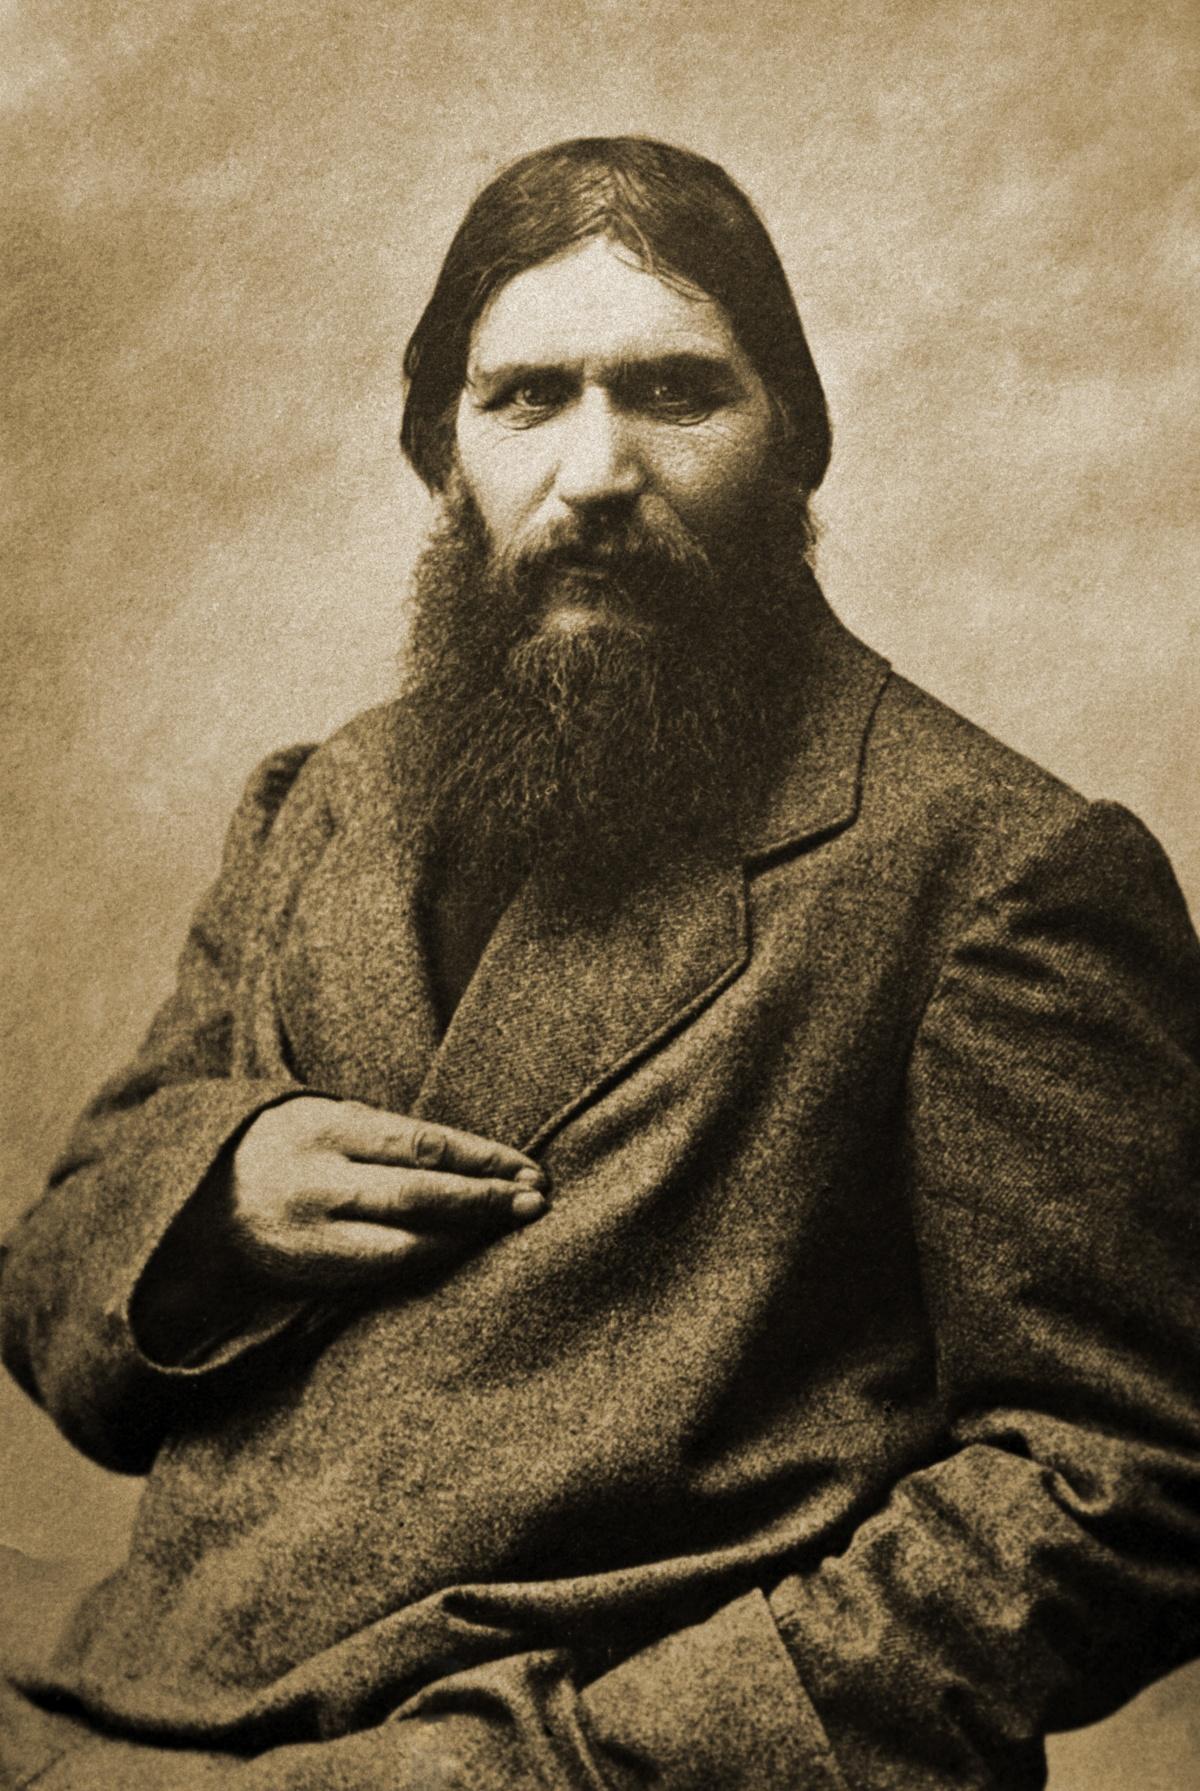 Православные общественники хотят поставить памятники Распутину по всей России